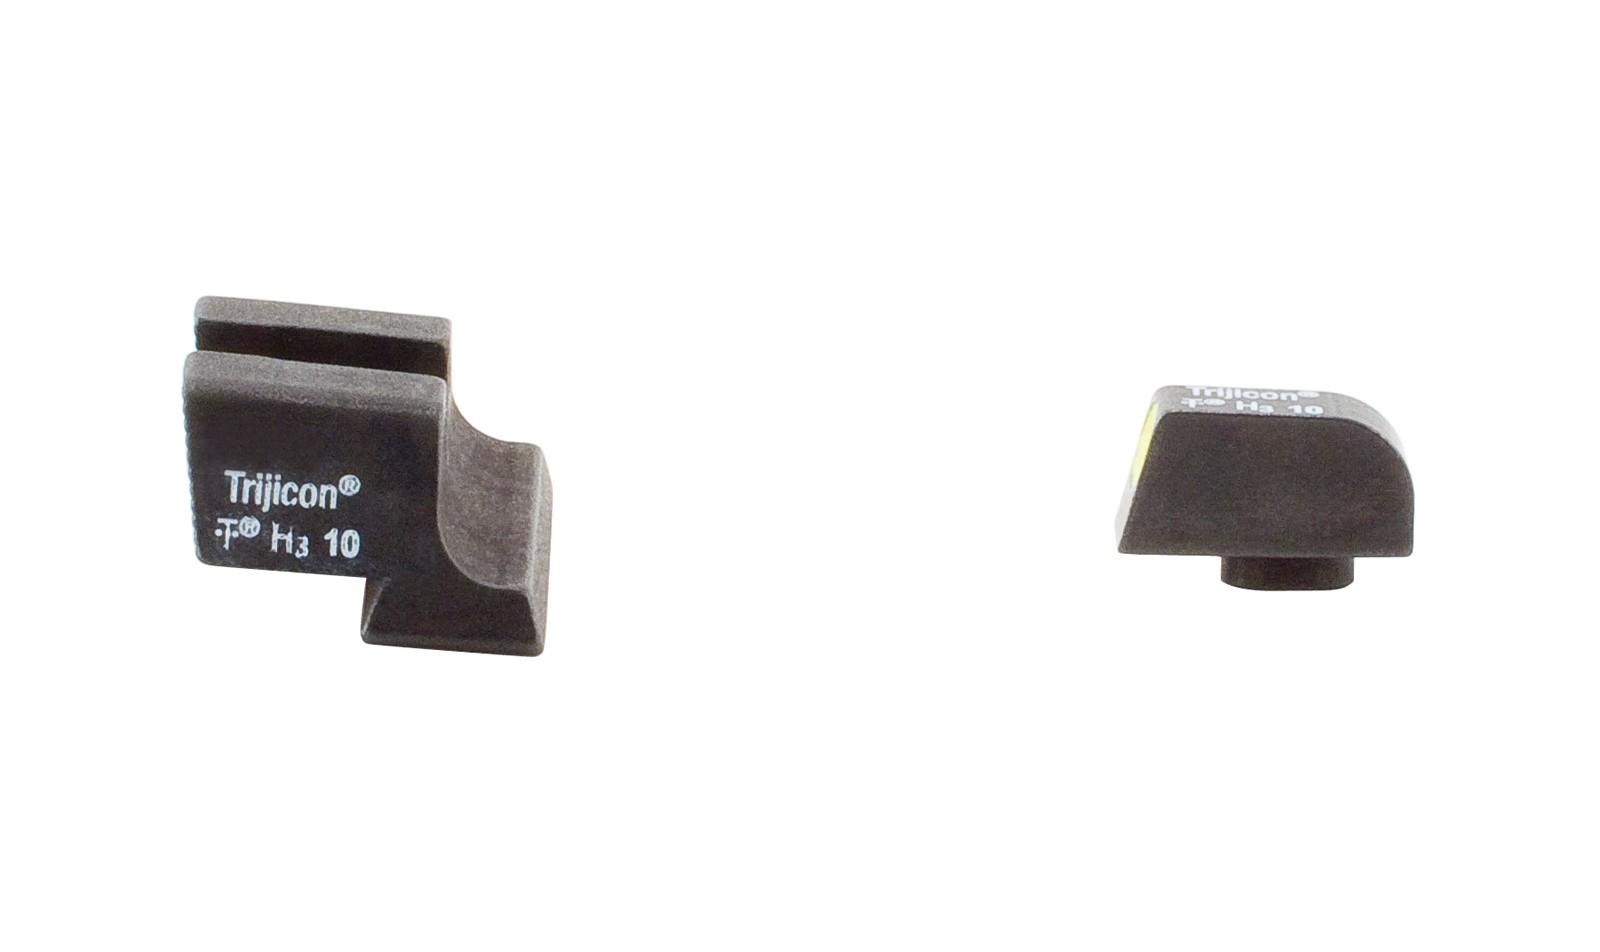 Trijicon HD Night Sights Glock Standard Frames Bild 02